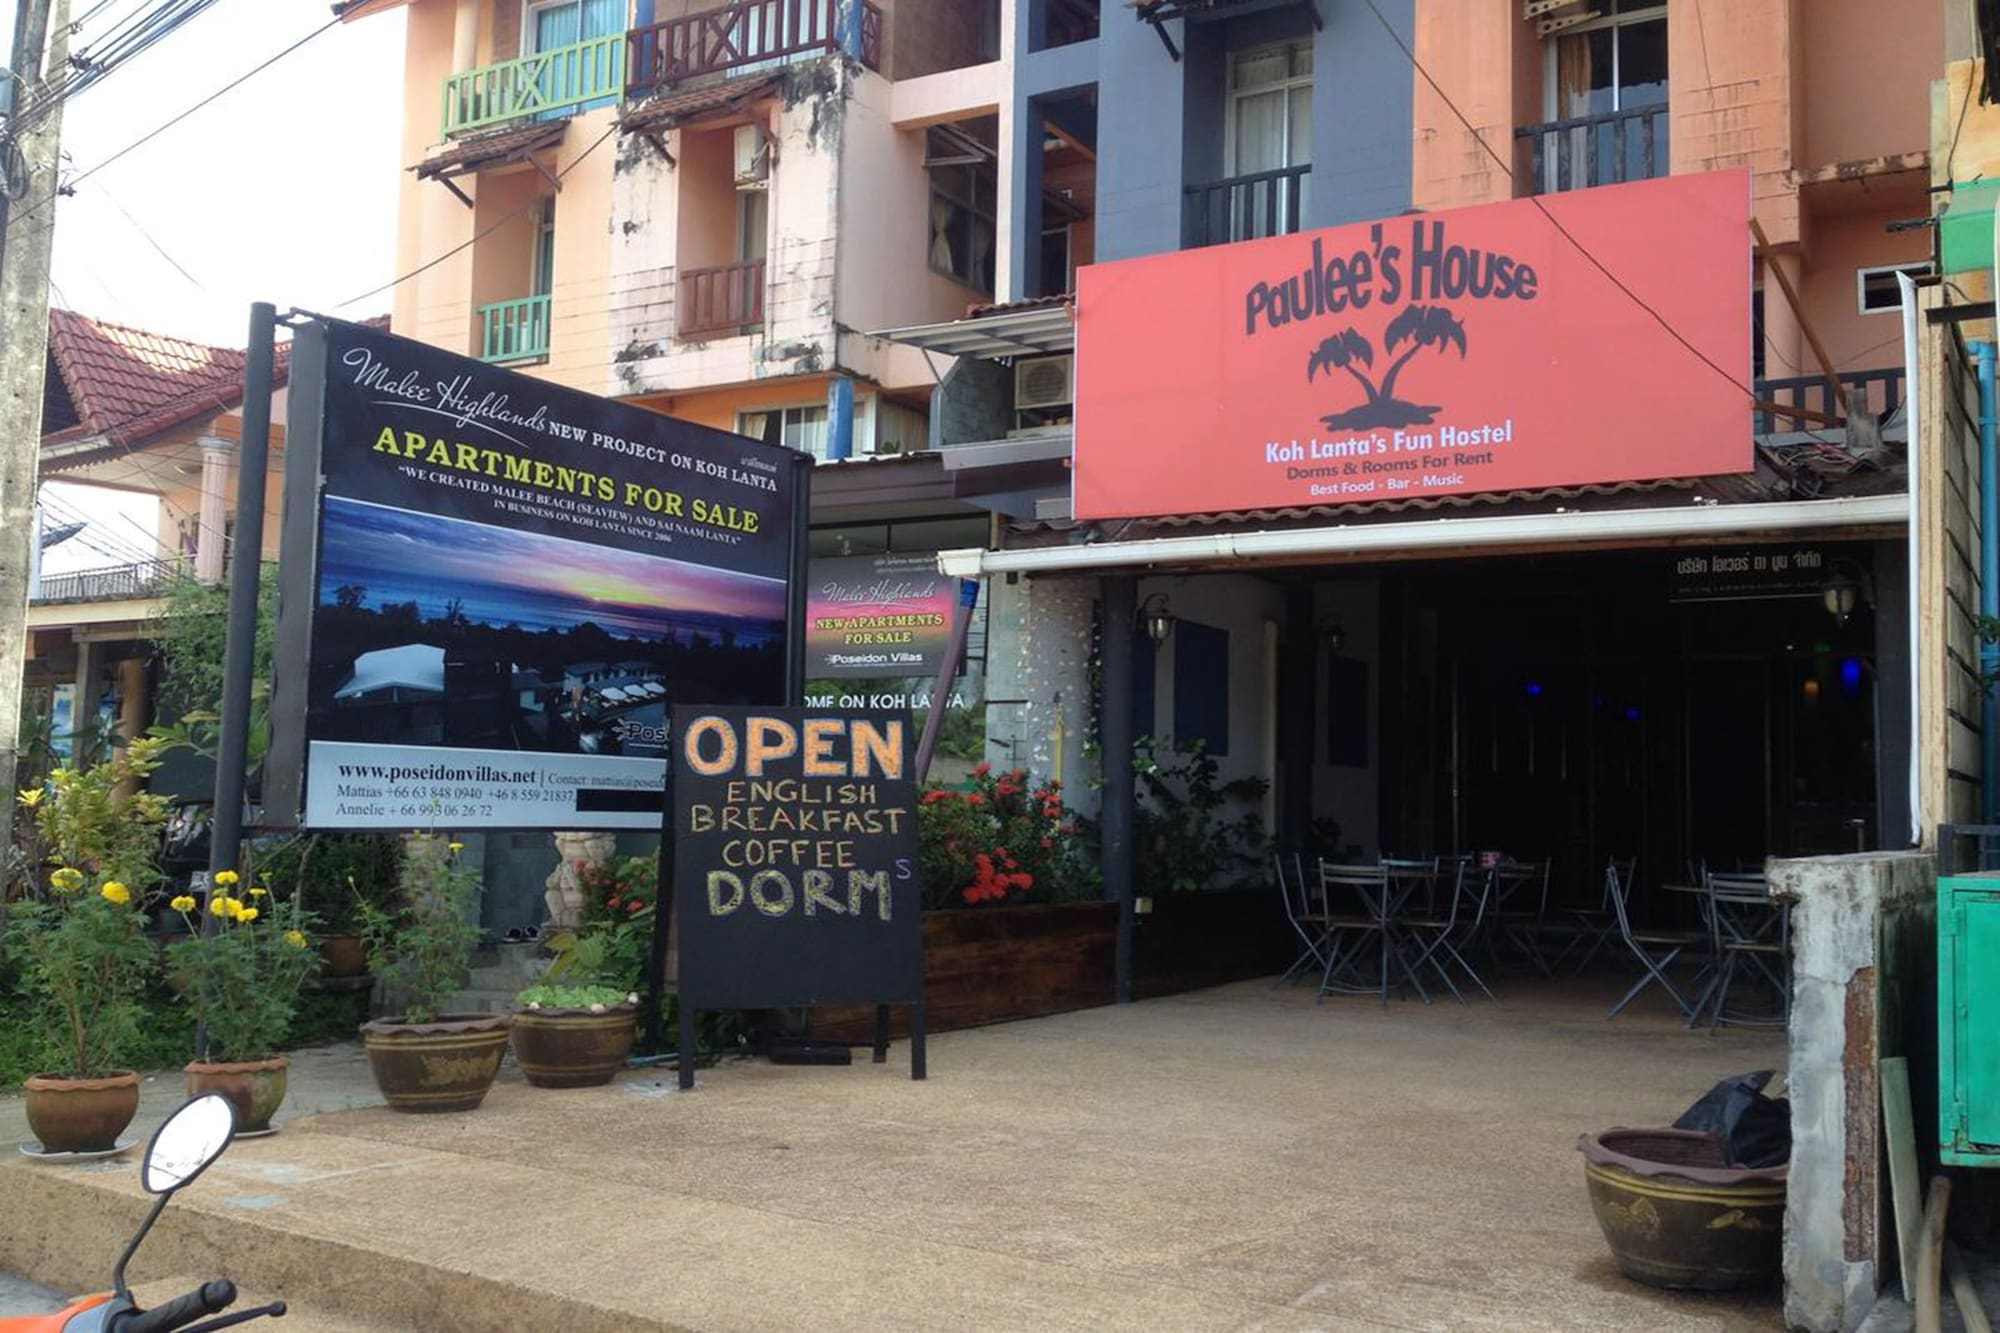 Paulee's House, Ko Lanta